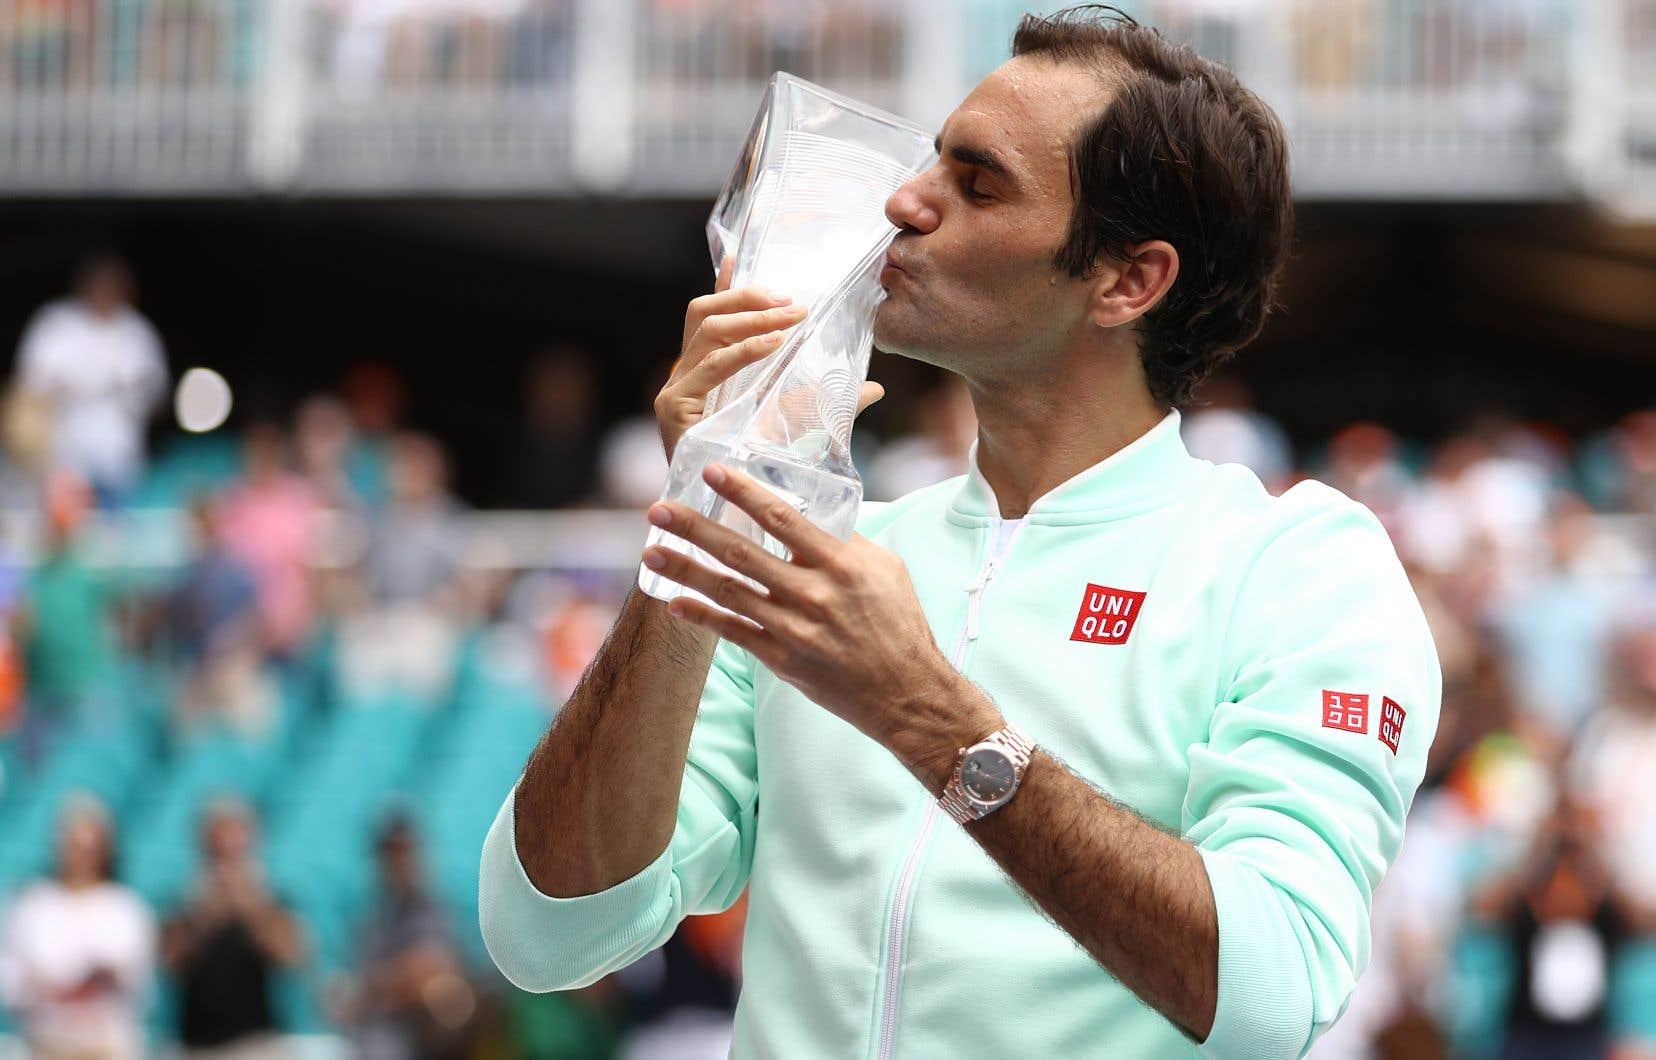 Federer avait remporté le tournoi de Dubai le 2mars dernier et s'est incliné en finale à Indian Wells il y a deux semaines contre l'Autrichien Dominic Thiem.